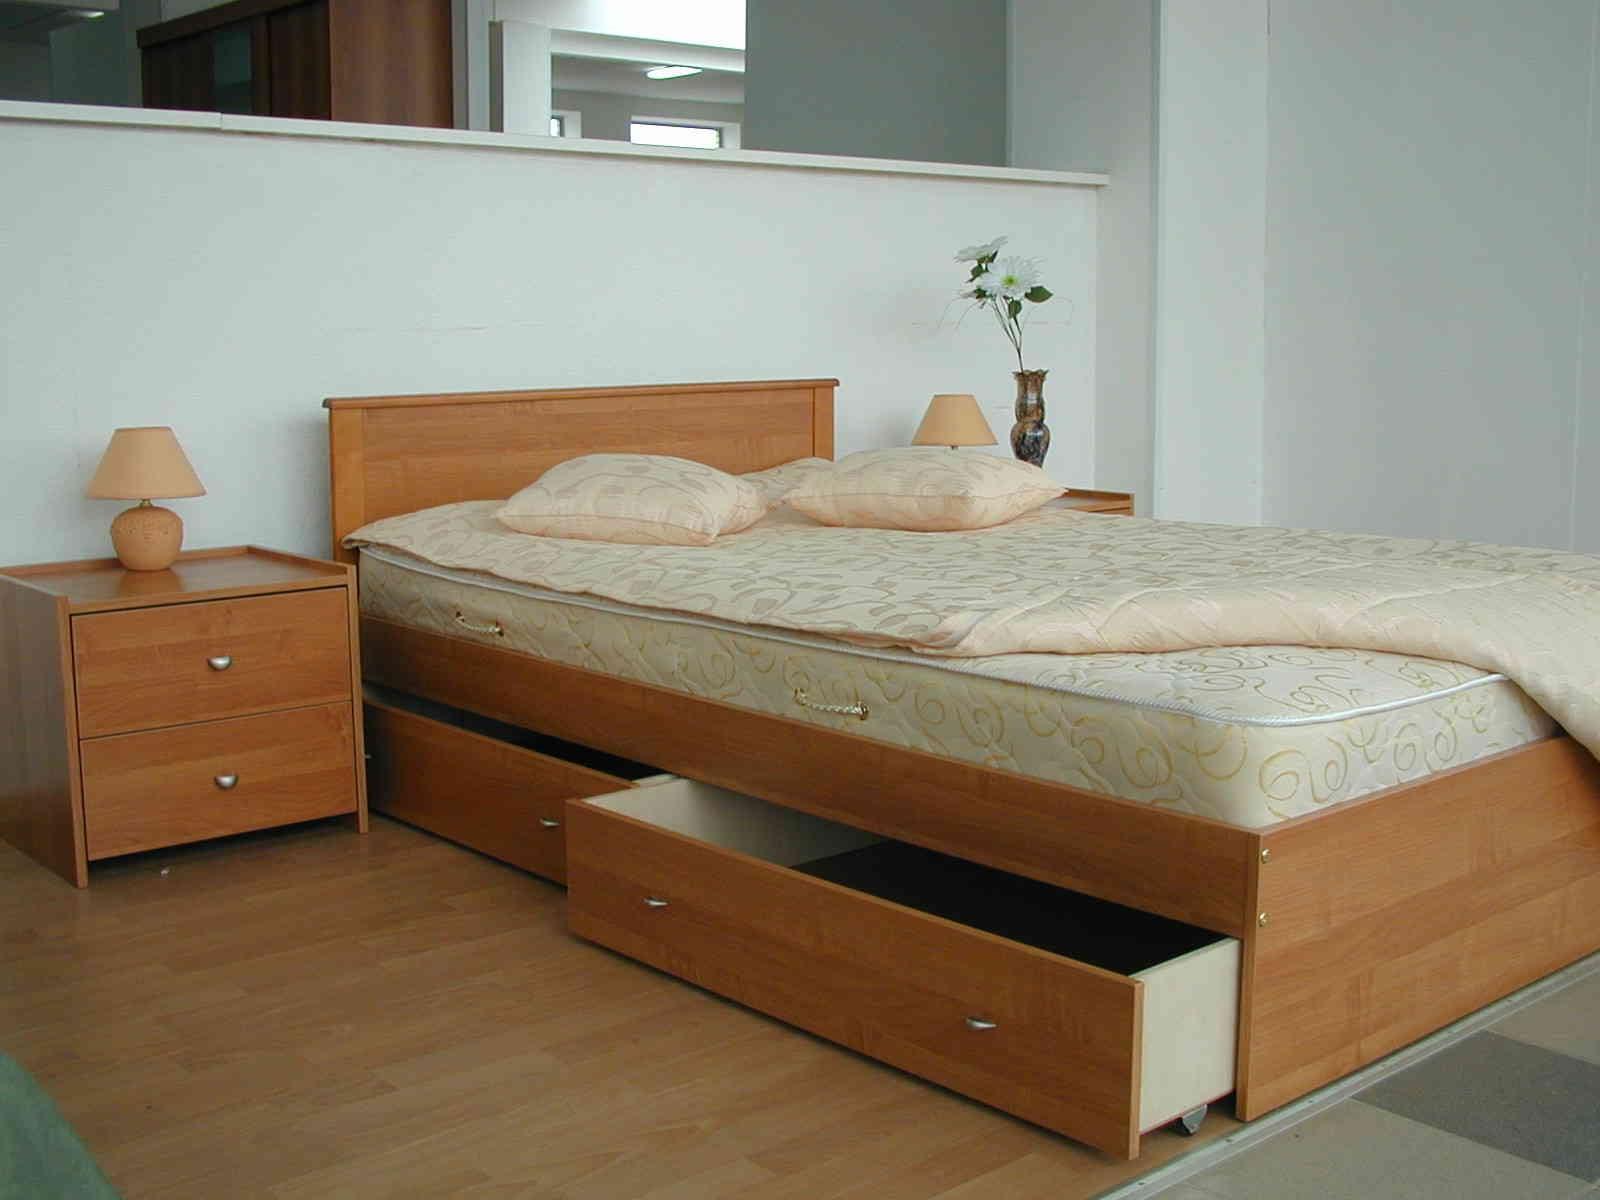 Кровать подиум своими руками фото фото 463